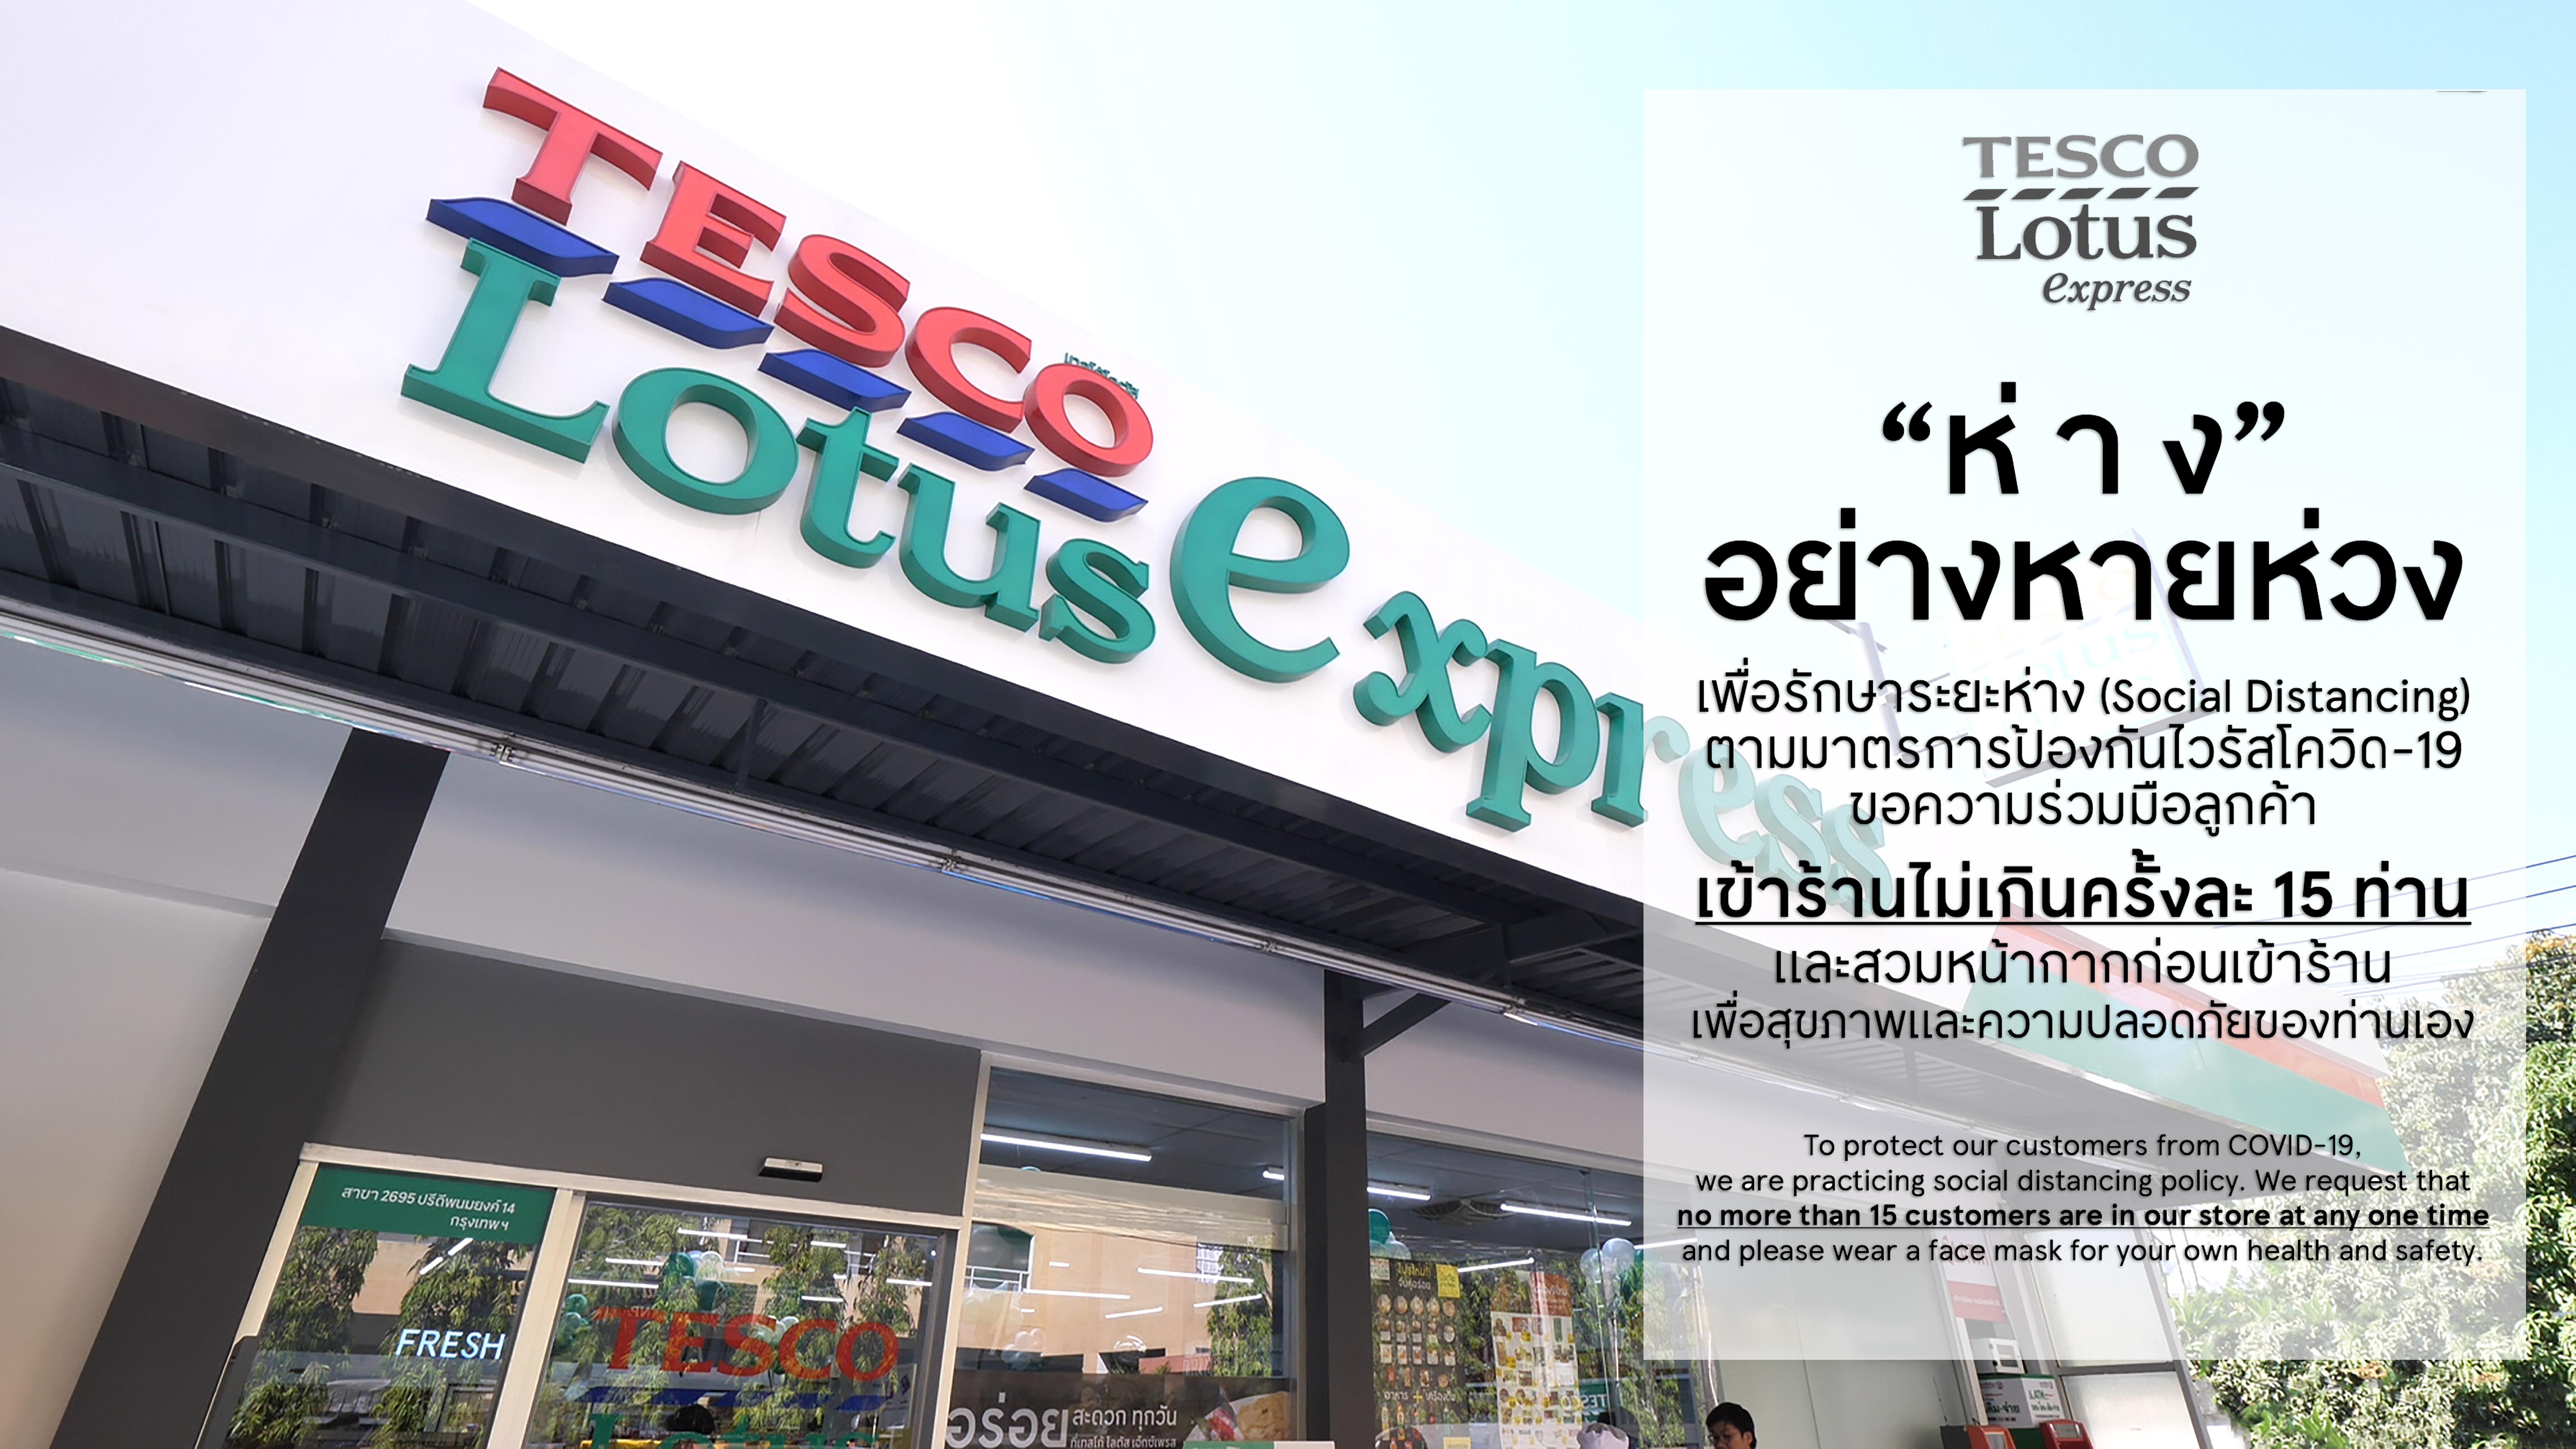 โลตัส เอ็กซ์เพรส จำกัดลูกค้าเข้าร้านครั้งละไม่เกิน 15 คน ป้องกันการแพร่ระบาดไวรัสโควิด-19